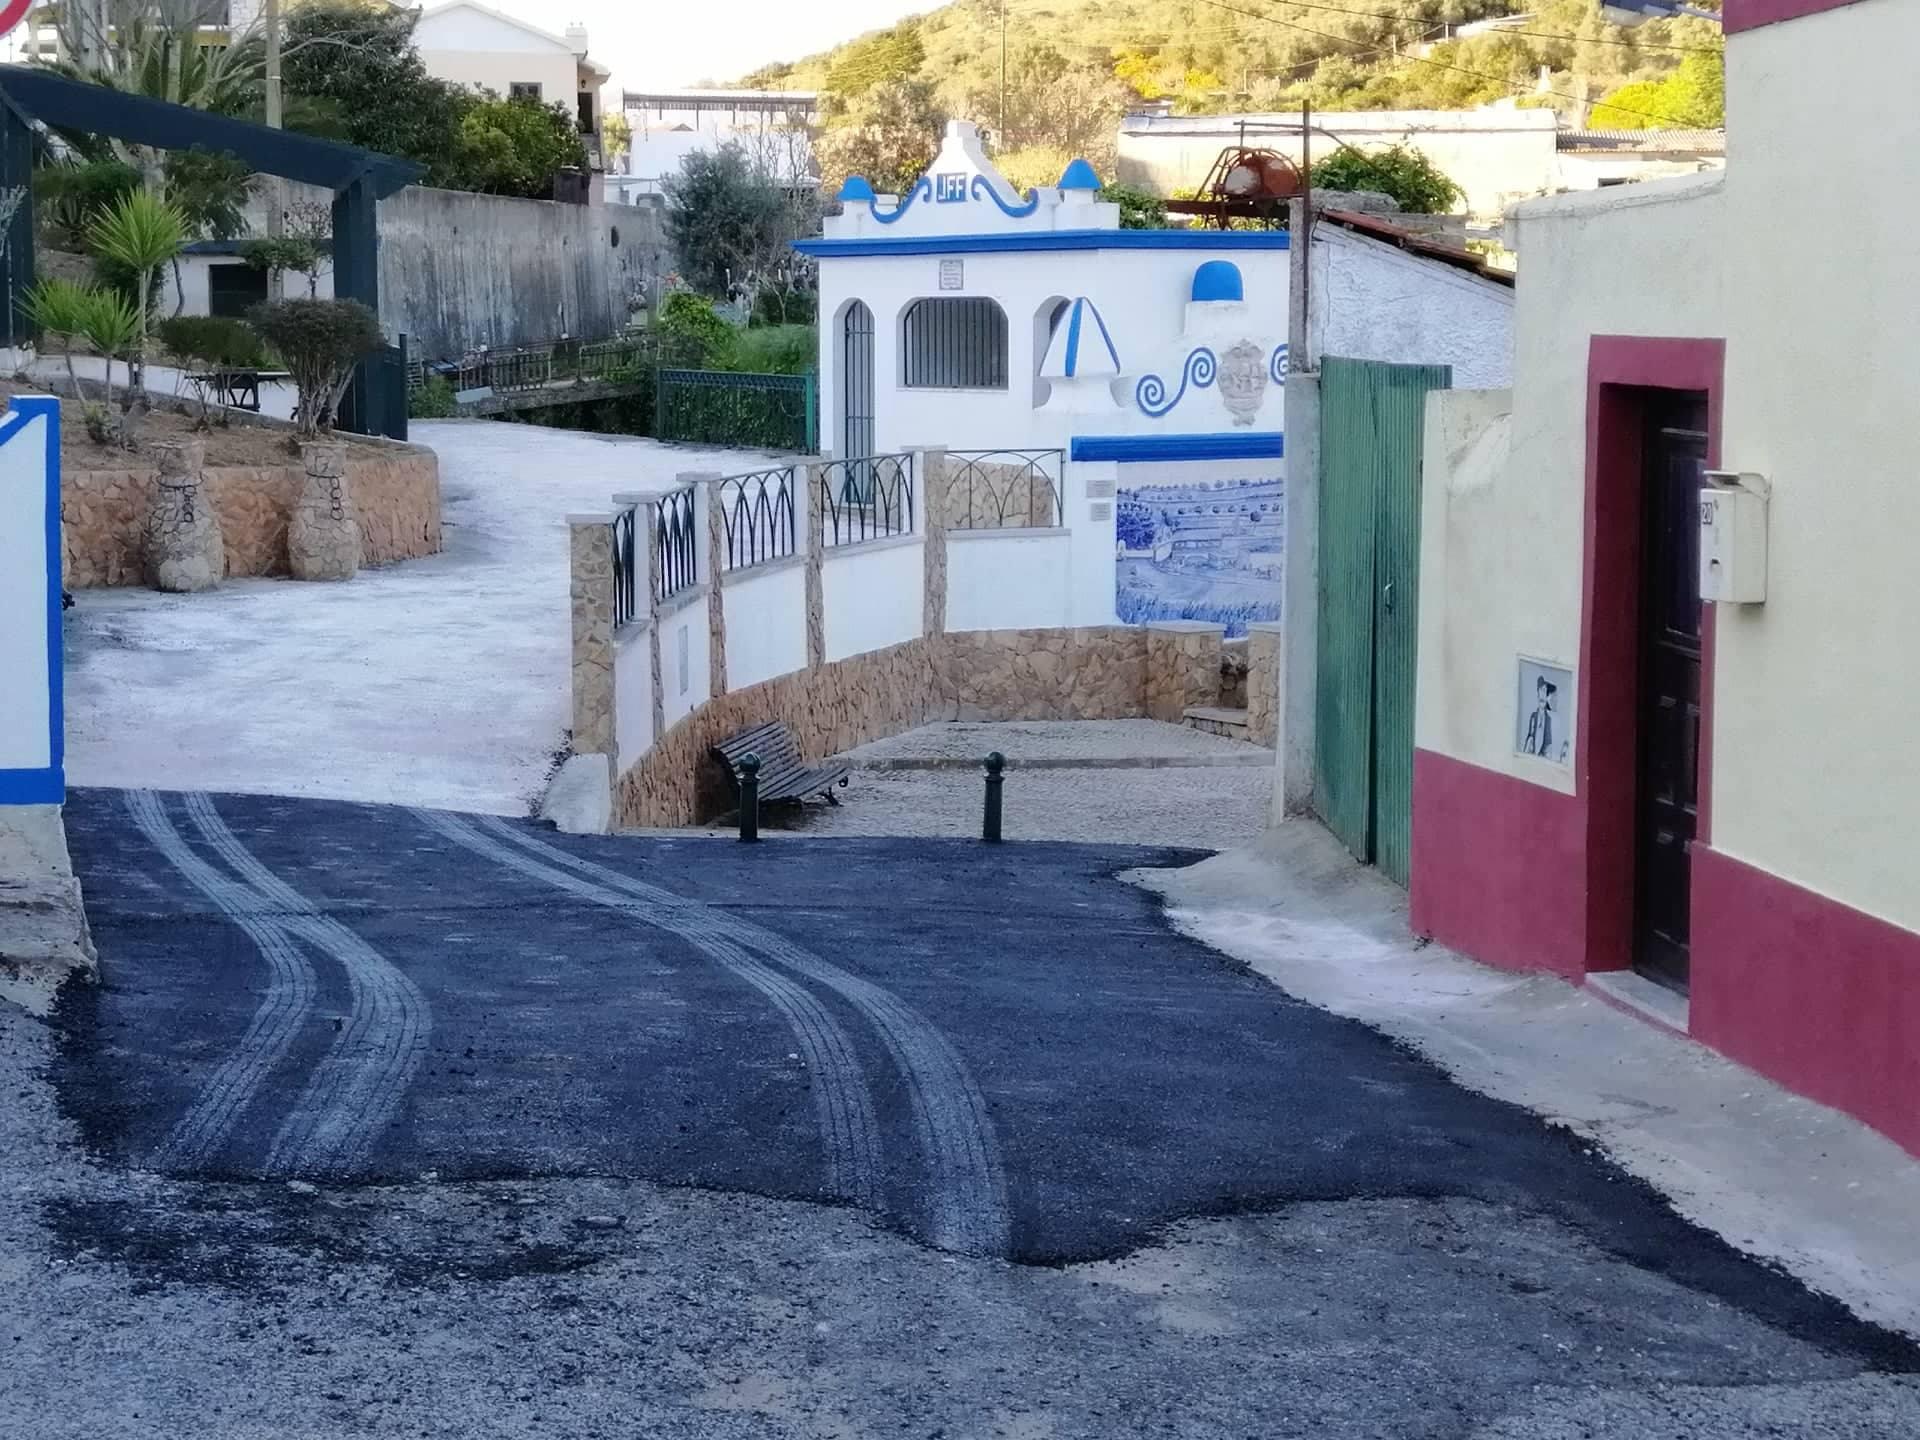 FANHÕES – Asfaltamento de troços na Estrada Velha, Fonte Velha e Monte Esperança.